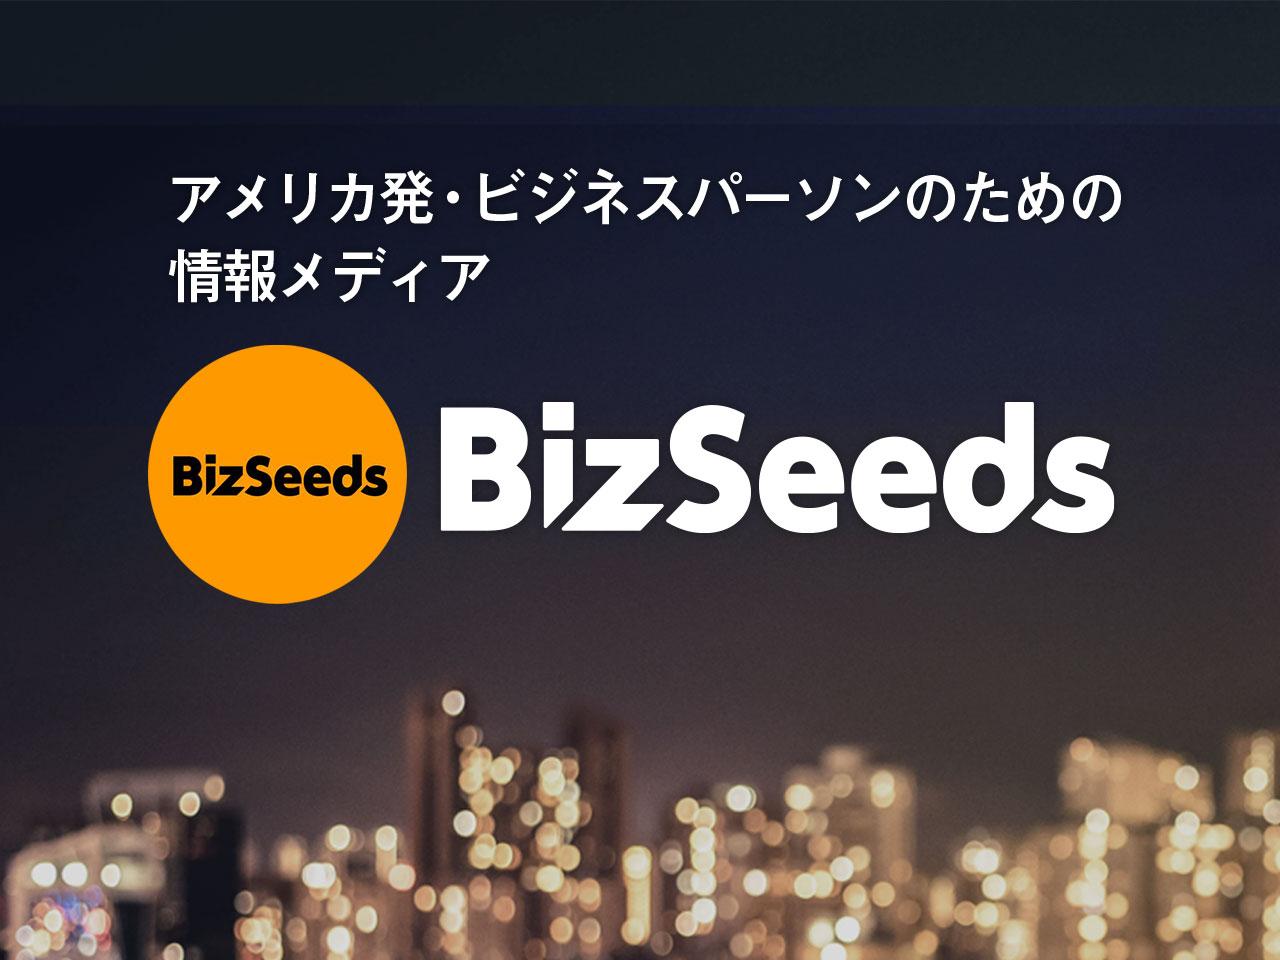 アメリカ発・ビジネス情報 Bizseeds